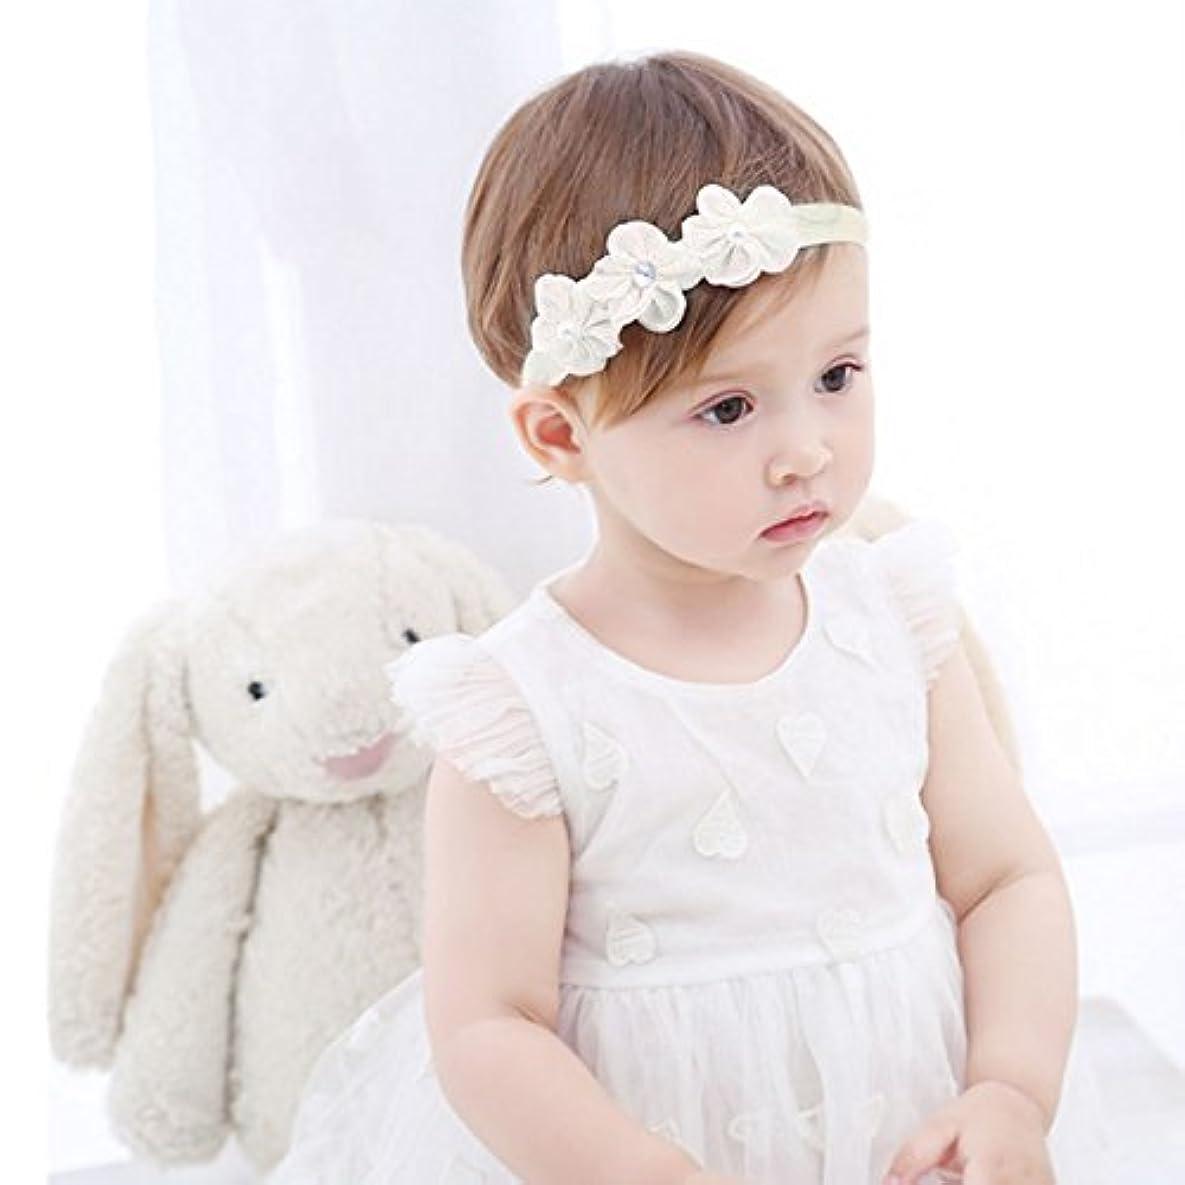 矢印バックアップドリンクRefaxi 子供の赤ちゃんかわいい幼児のレースの花のヘアバンドヘッドウェアヘッドバンドアクセサリー